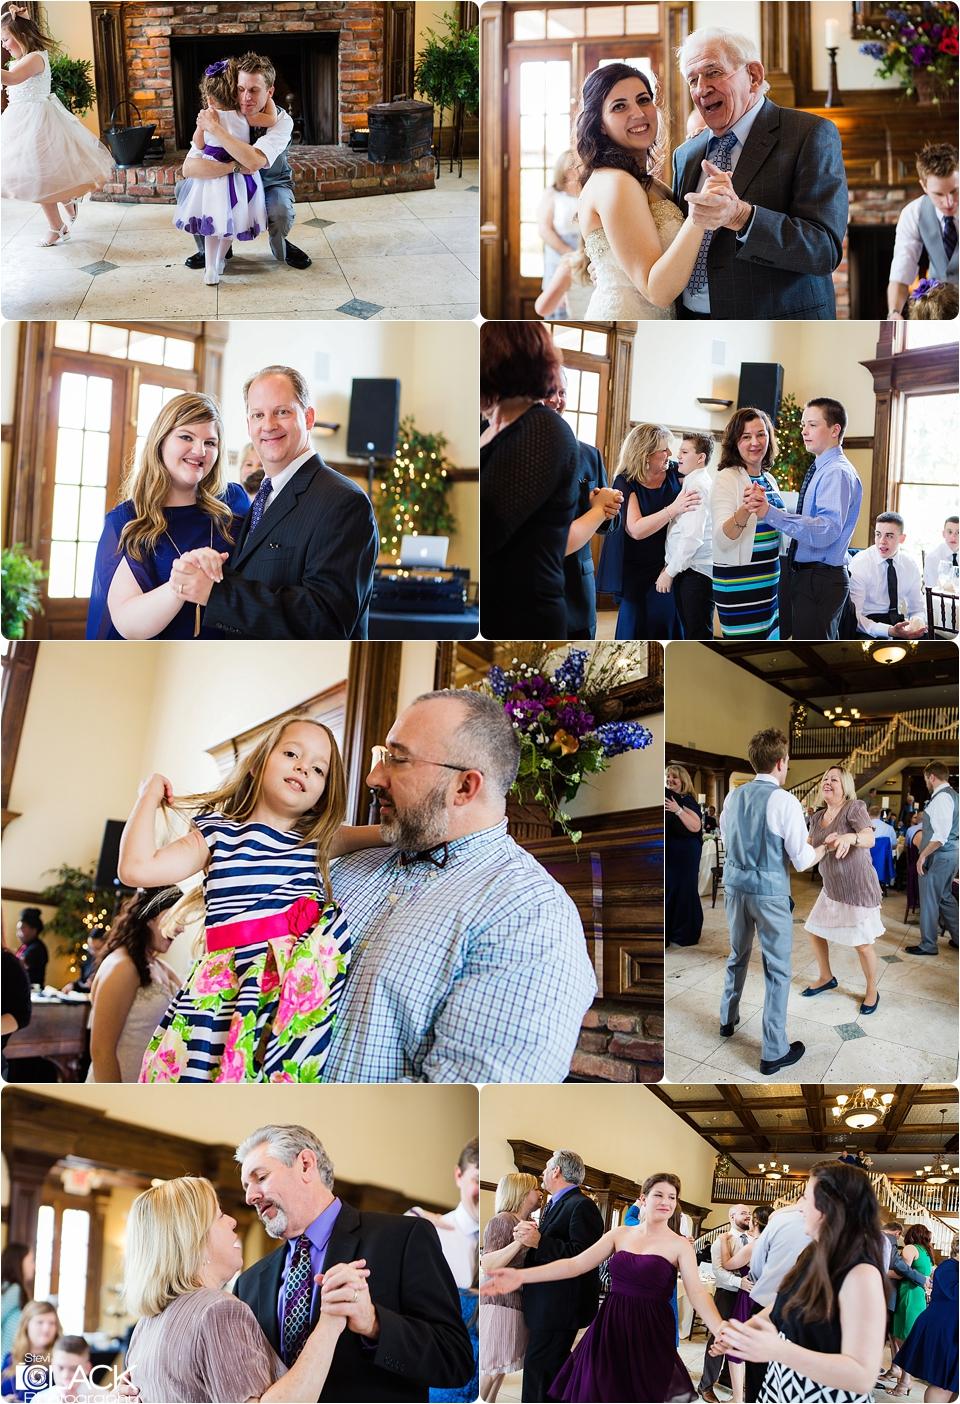 Atlanta weddingPhotographer_2312.jpg